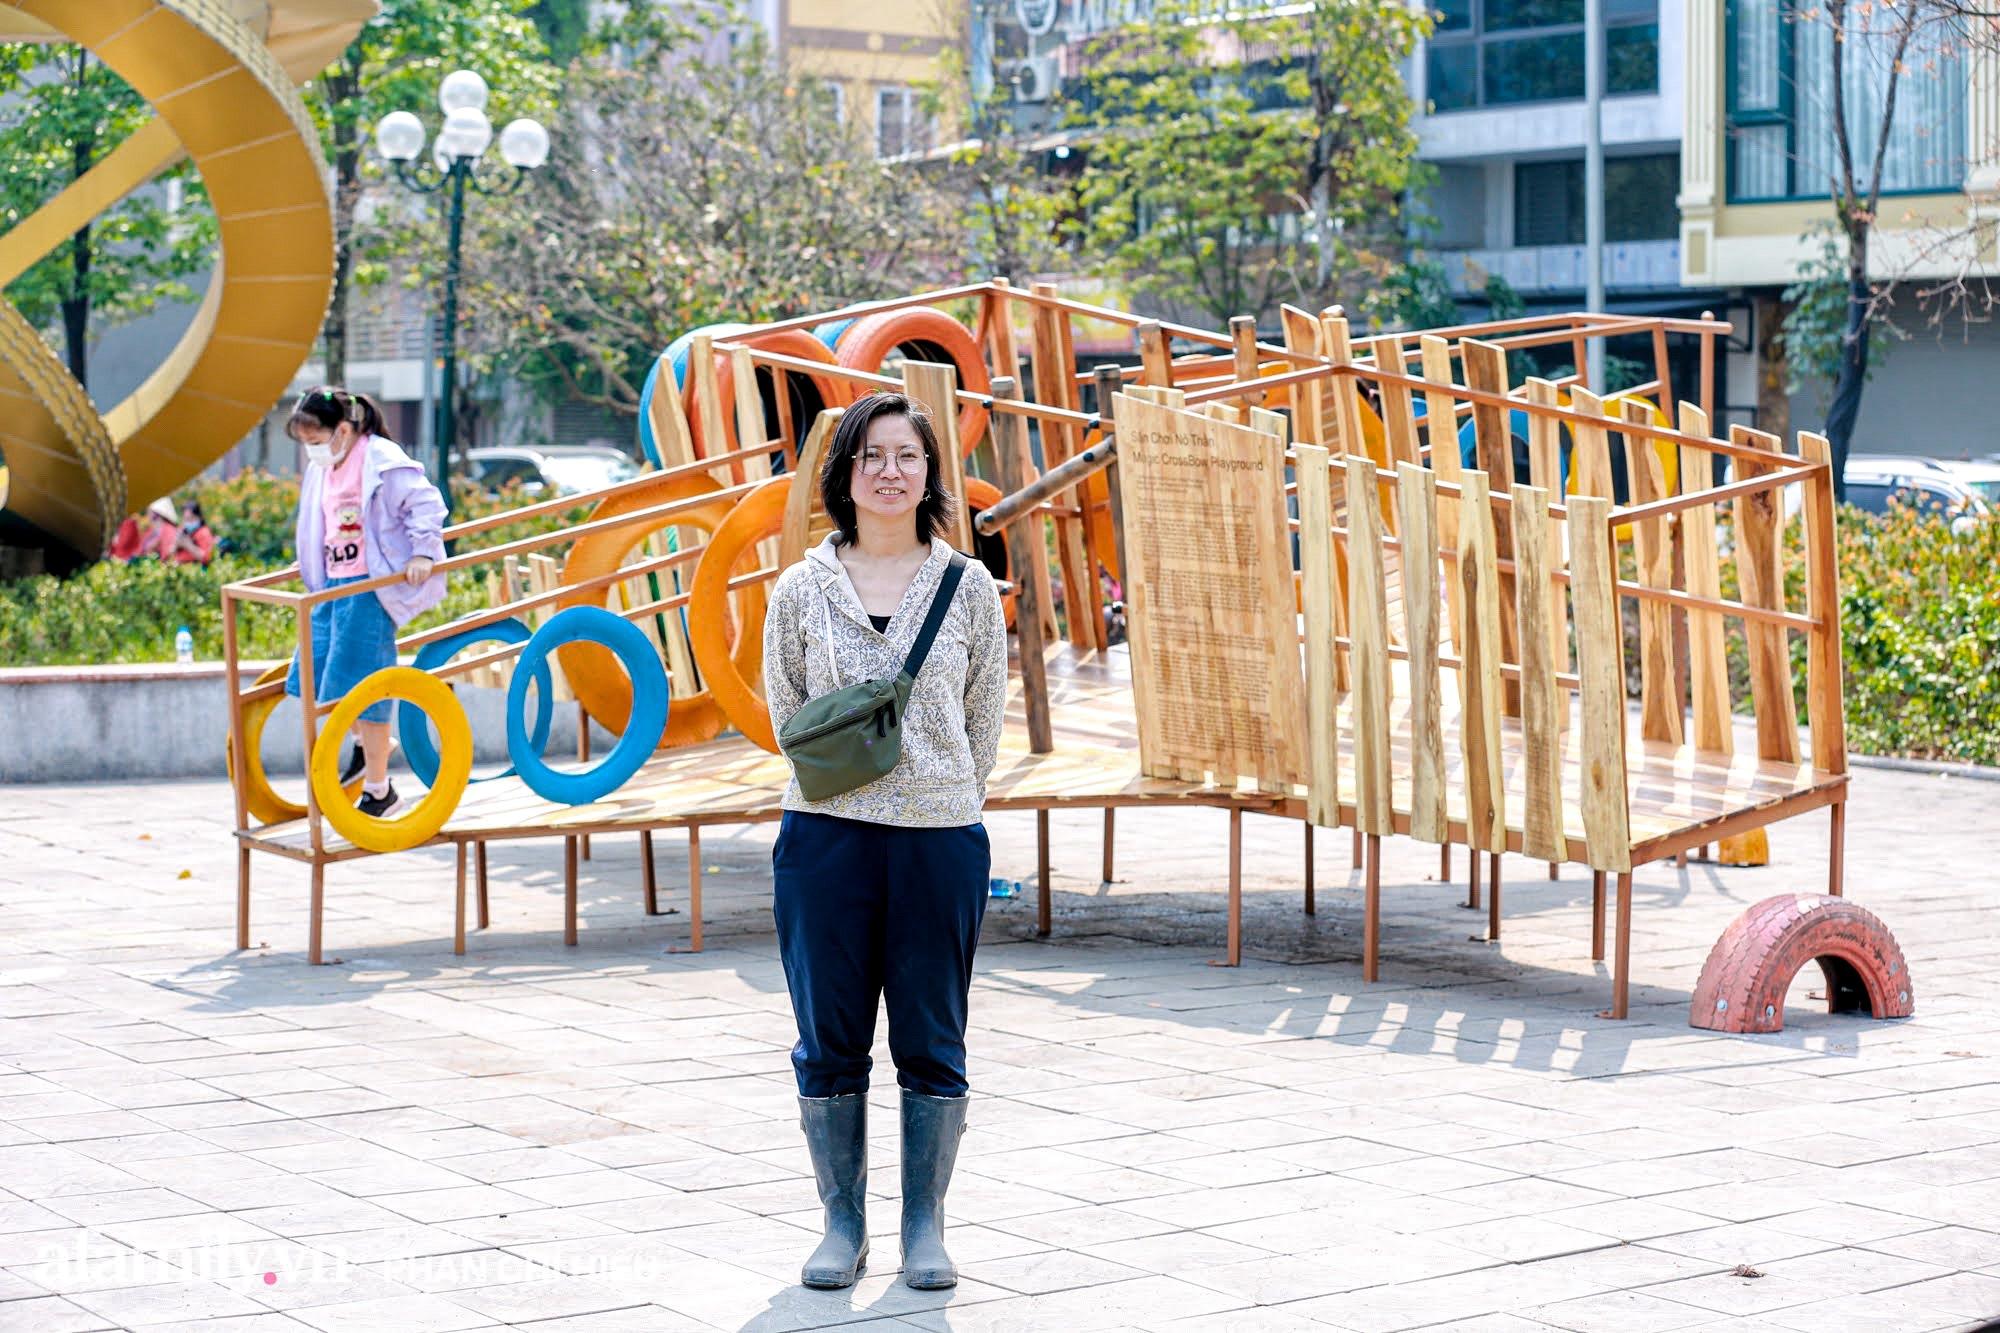 """Người Việt duy nhất lọt vào danh sách """"100 phụ nữ của năm 2020"""" trên toàn thế giới kể về cuộc gọi kỳ lạ từ phóng viên đài BBC, làm nên cột mốc quan trọng trong sự nghiệp - Ảnh 9."""